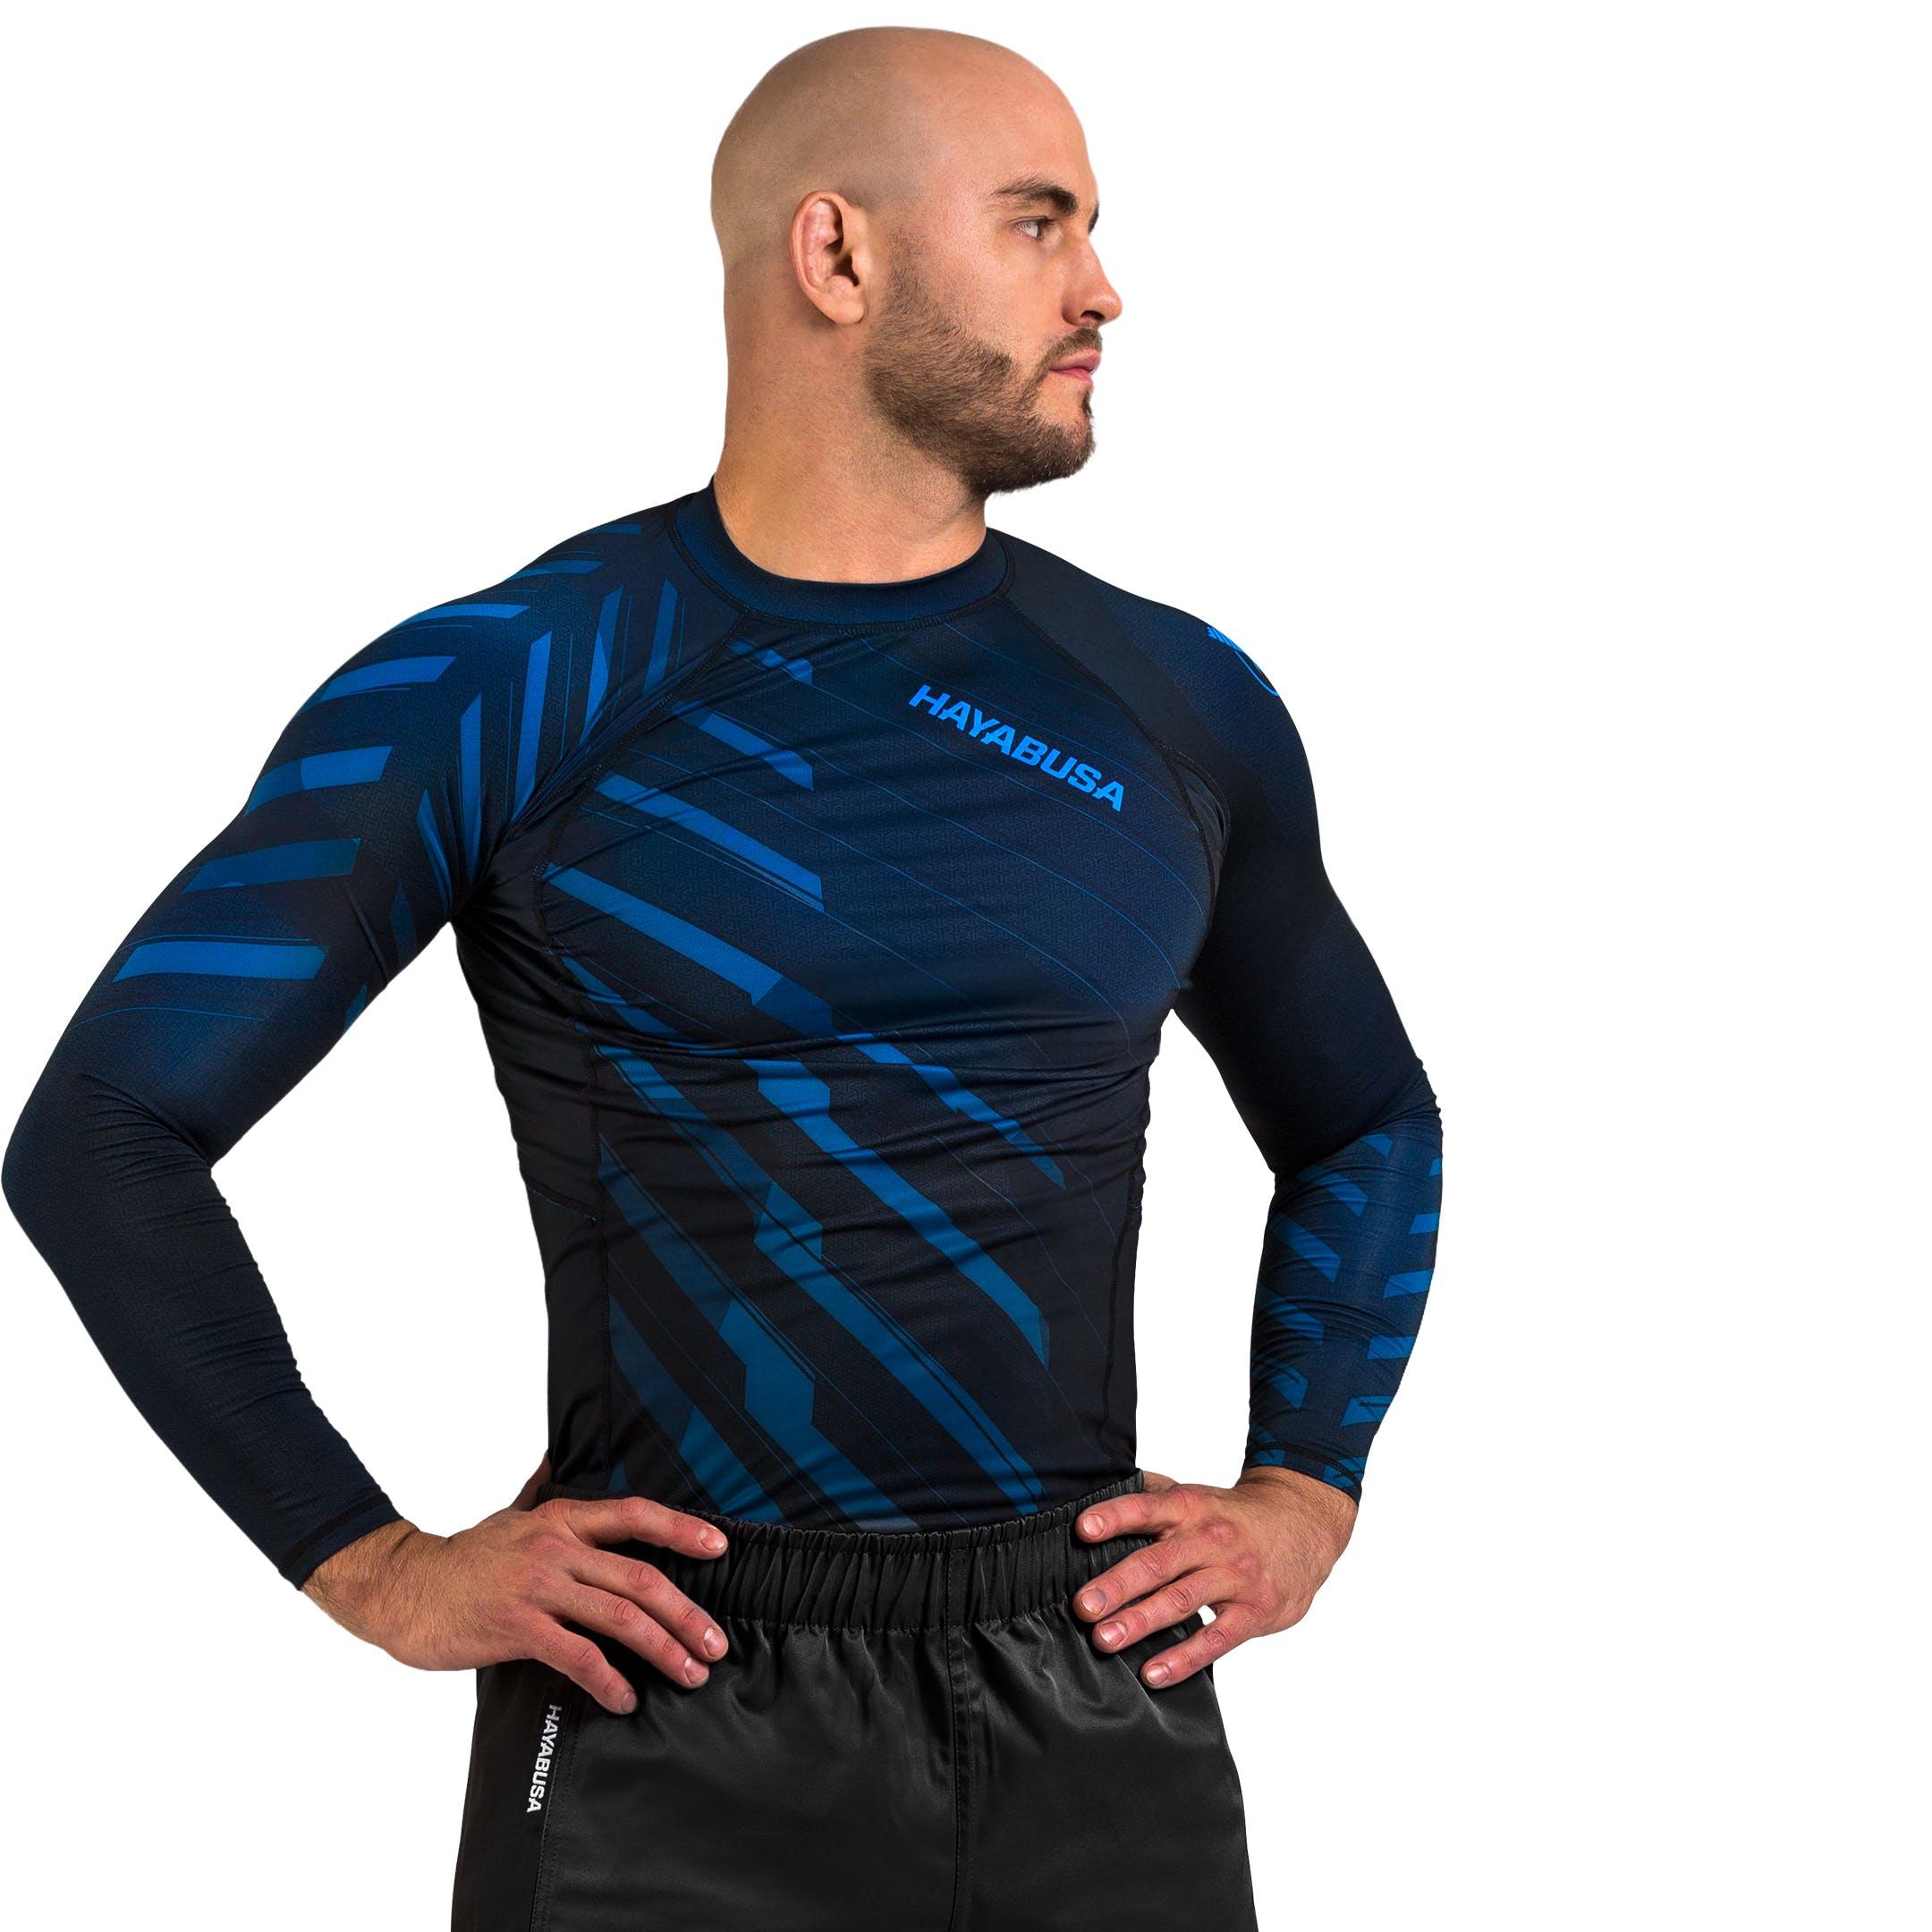 Hayabusa Metaru Charged Long Sleeve Brazilian Jiu Jitsu Rash Guard Shirt